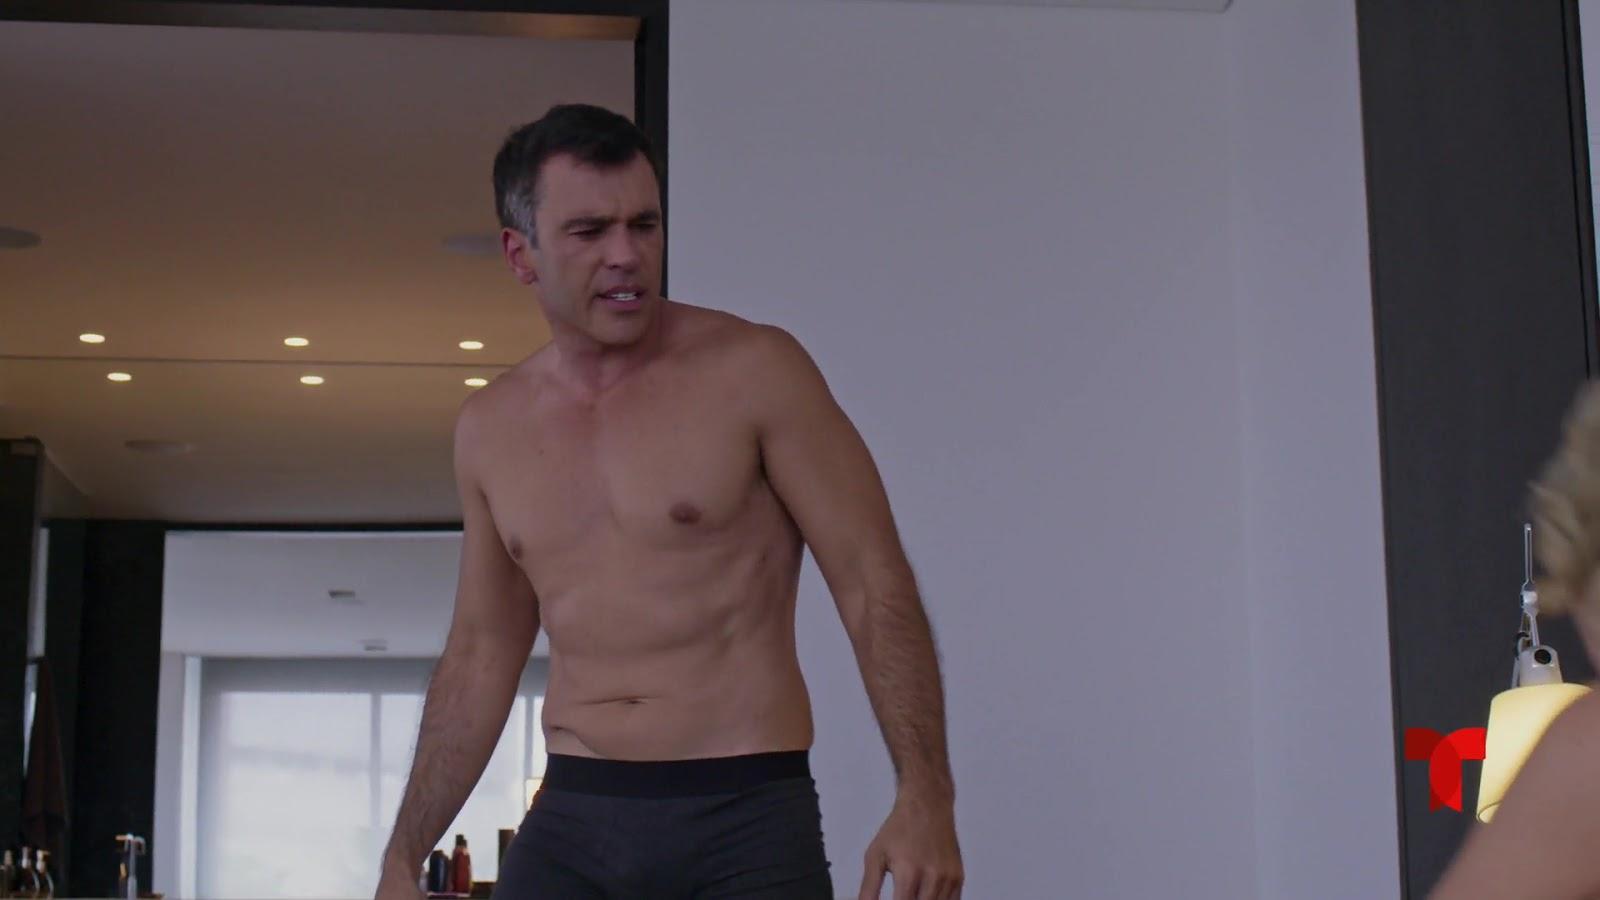 Shirtless Men On The Blog: Spencer Falls Shirtless